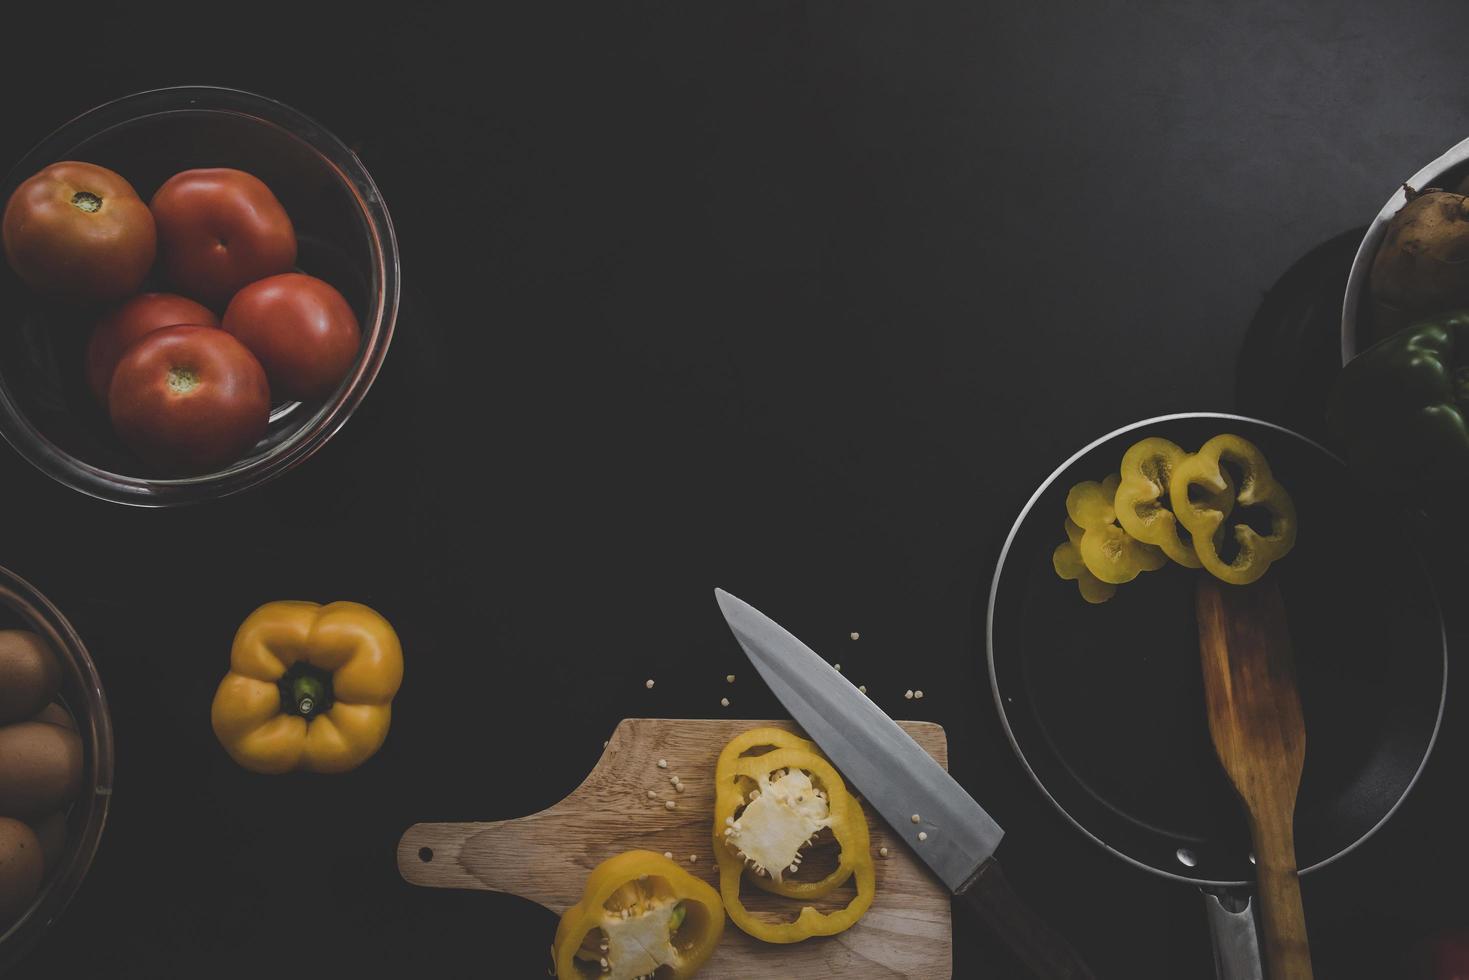 färska grönsaker på svart trä bakgrund foto